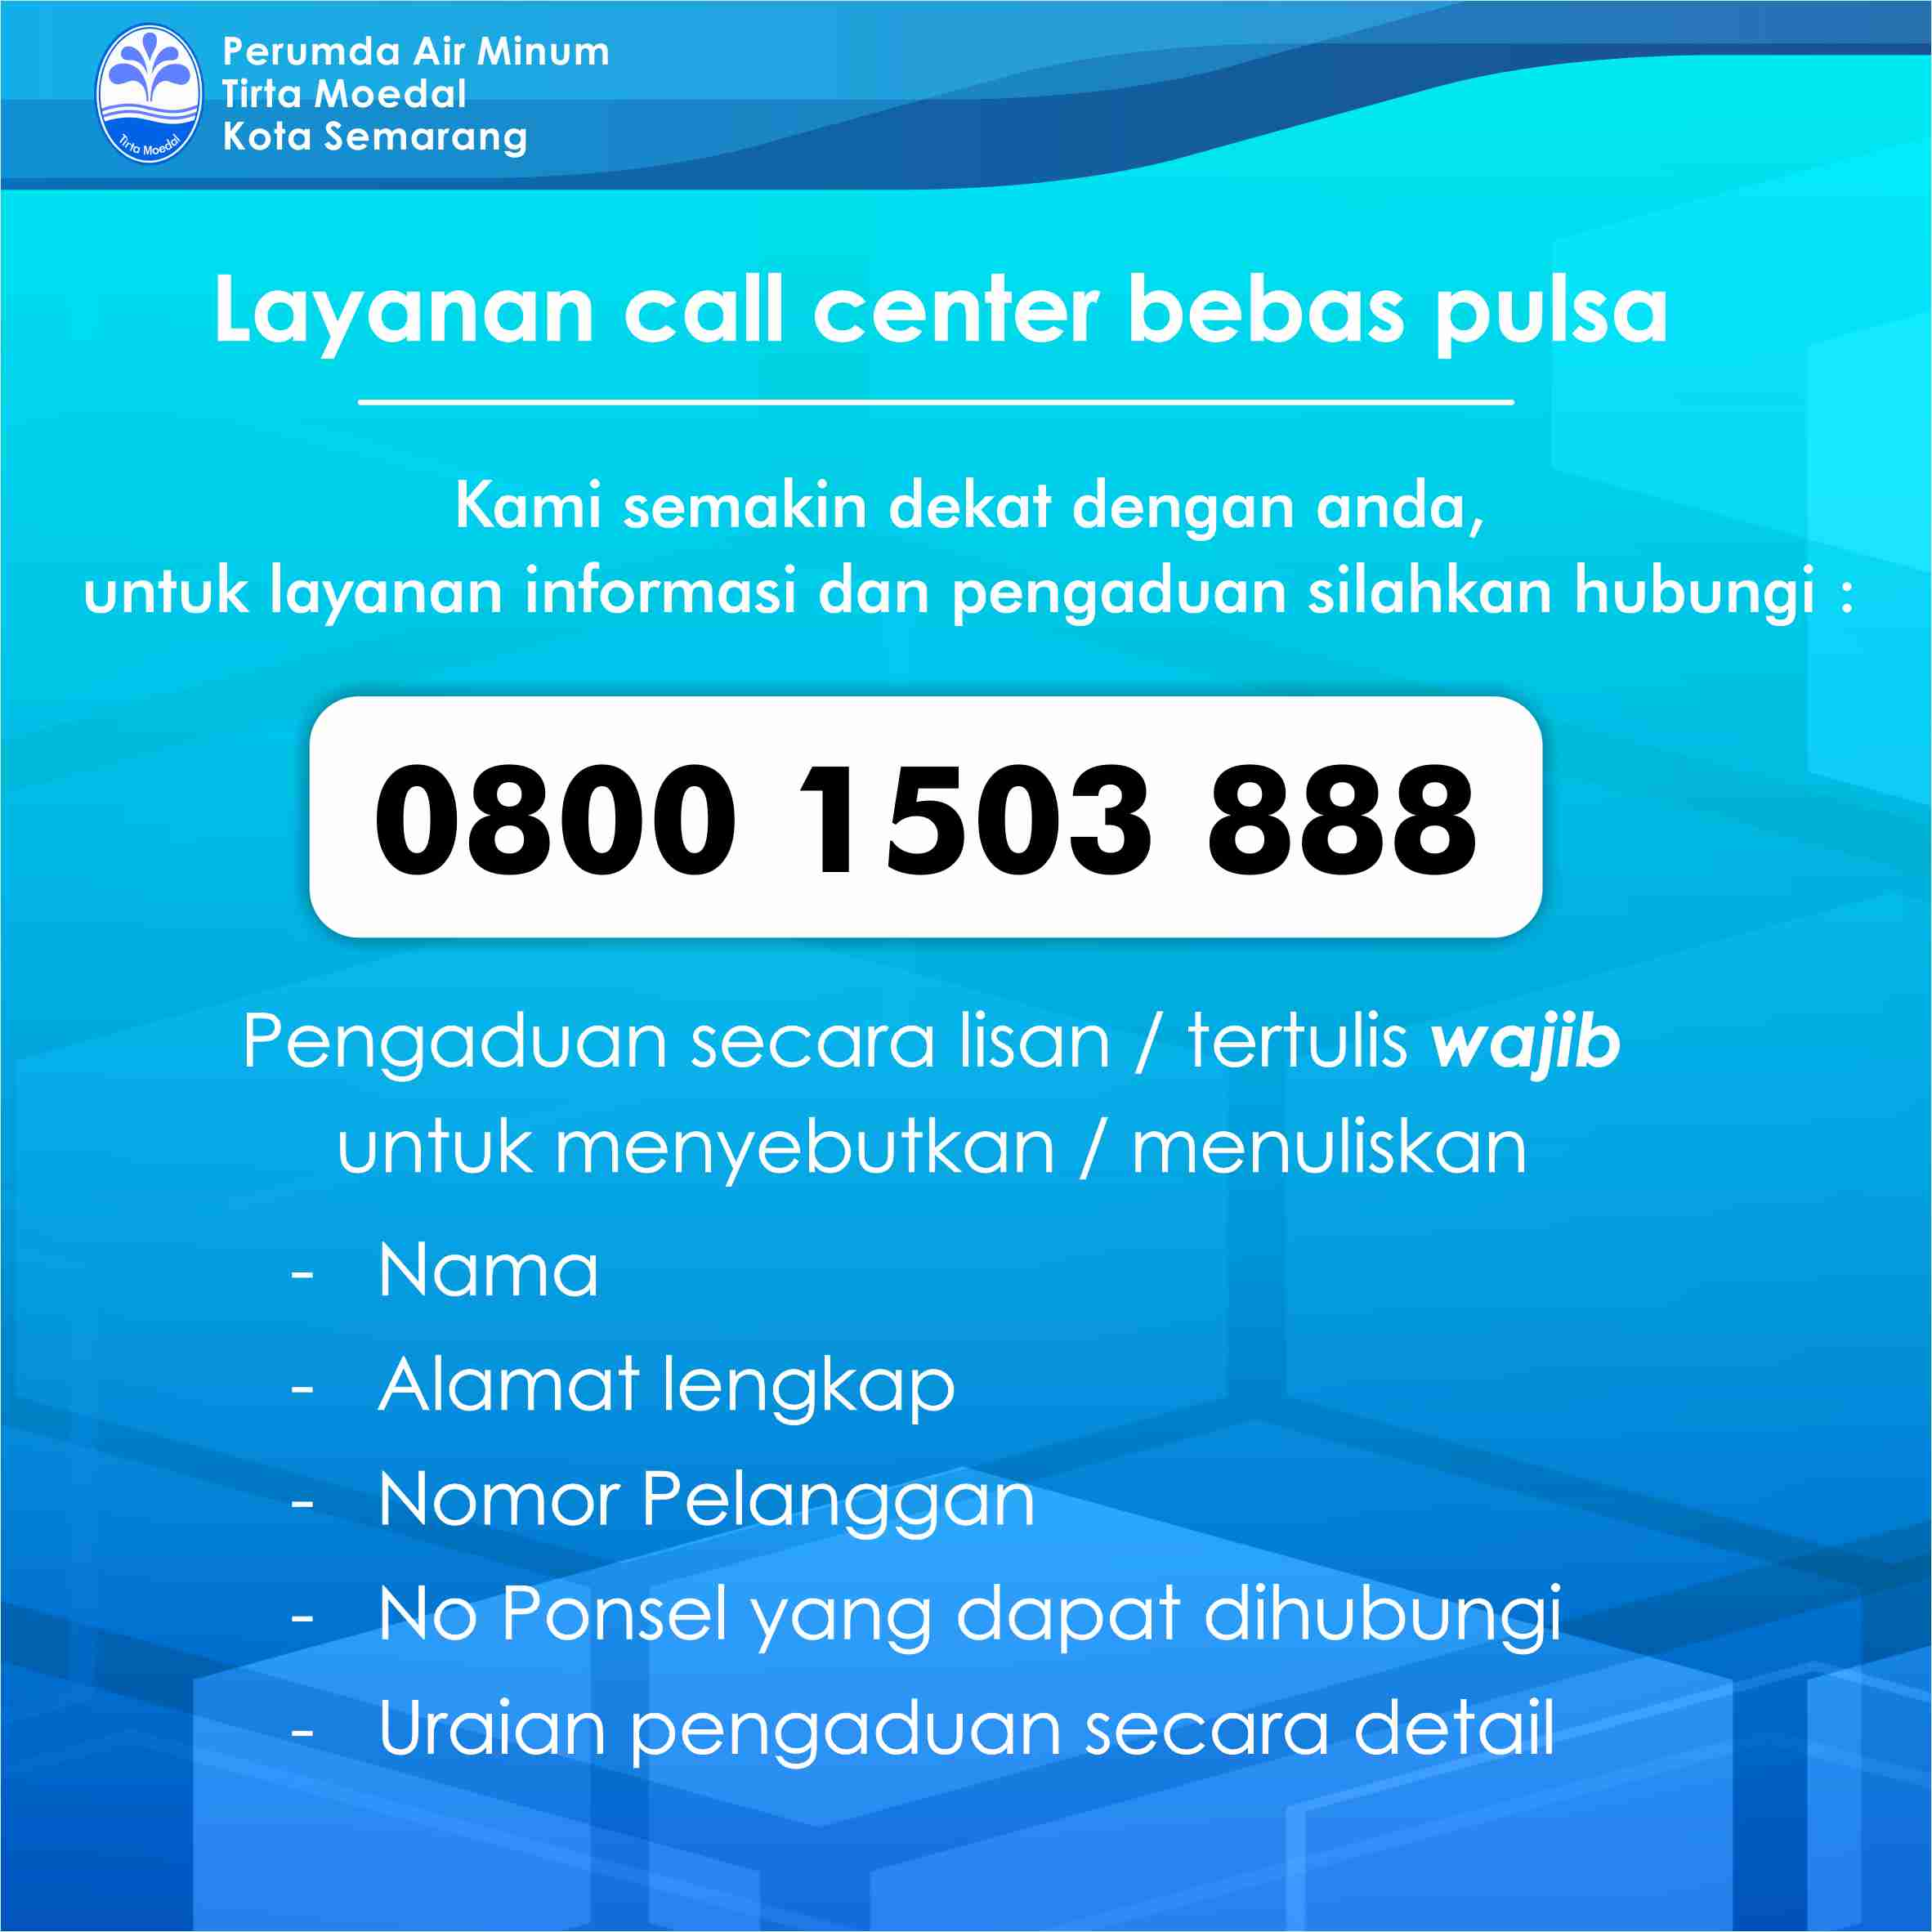 Call Center Bebas Pulsa